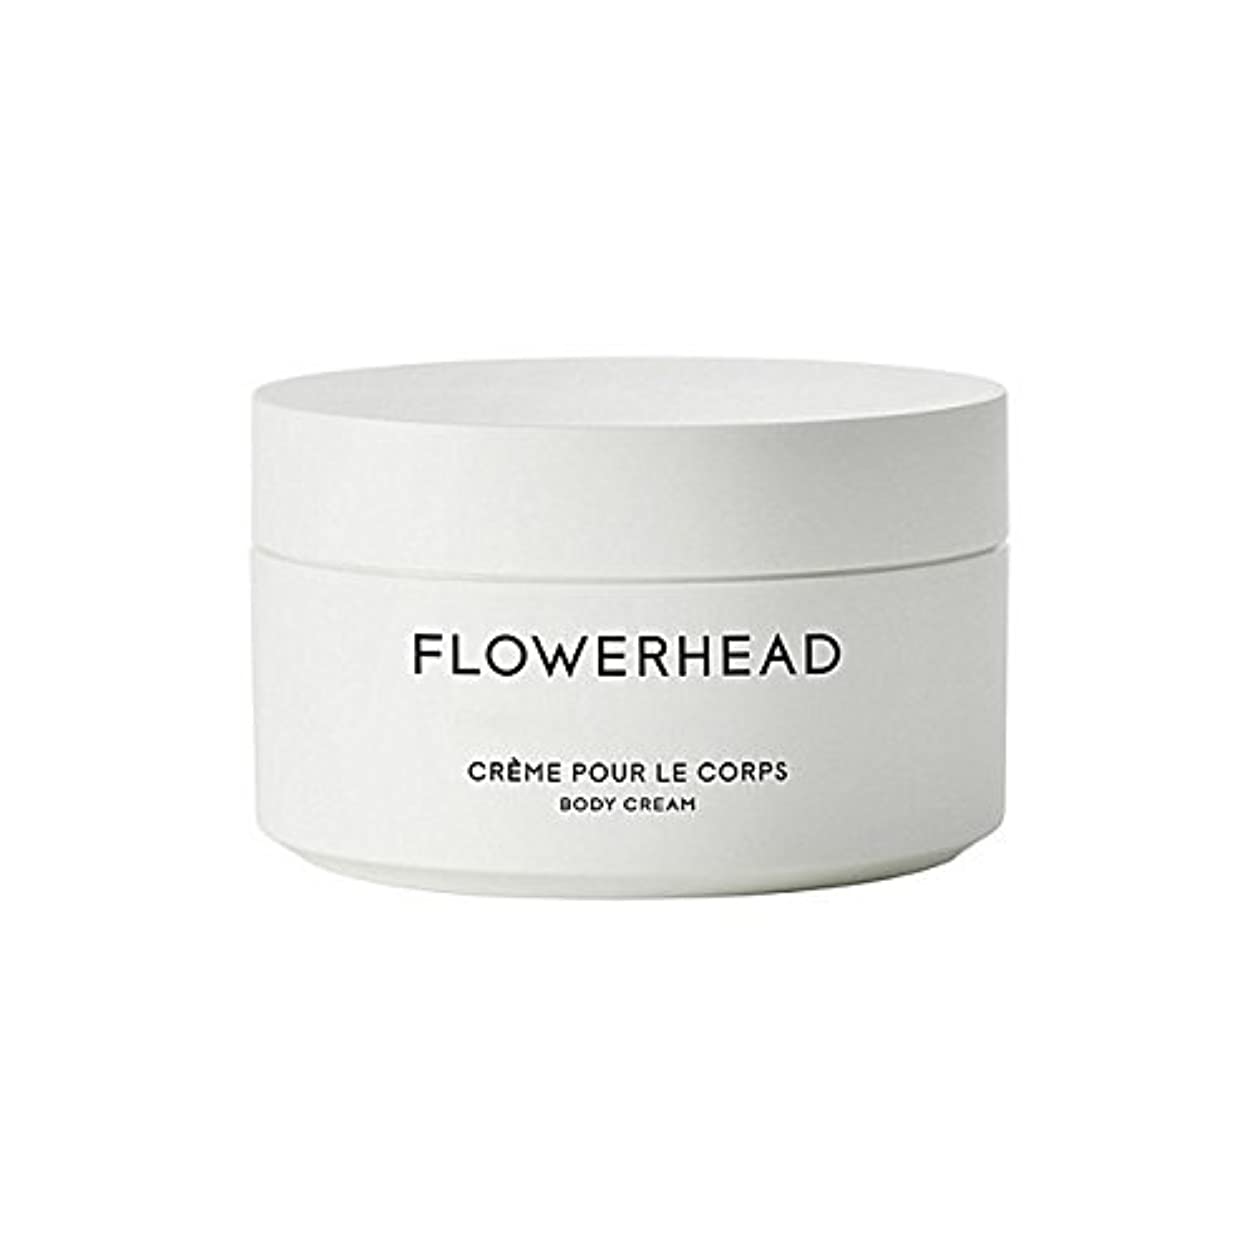 減る慎重スクレーパーByredo Flowerhead Body Cream 200ml - ボディクリーム200ミリリットル [並行輸入品]